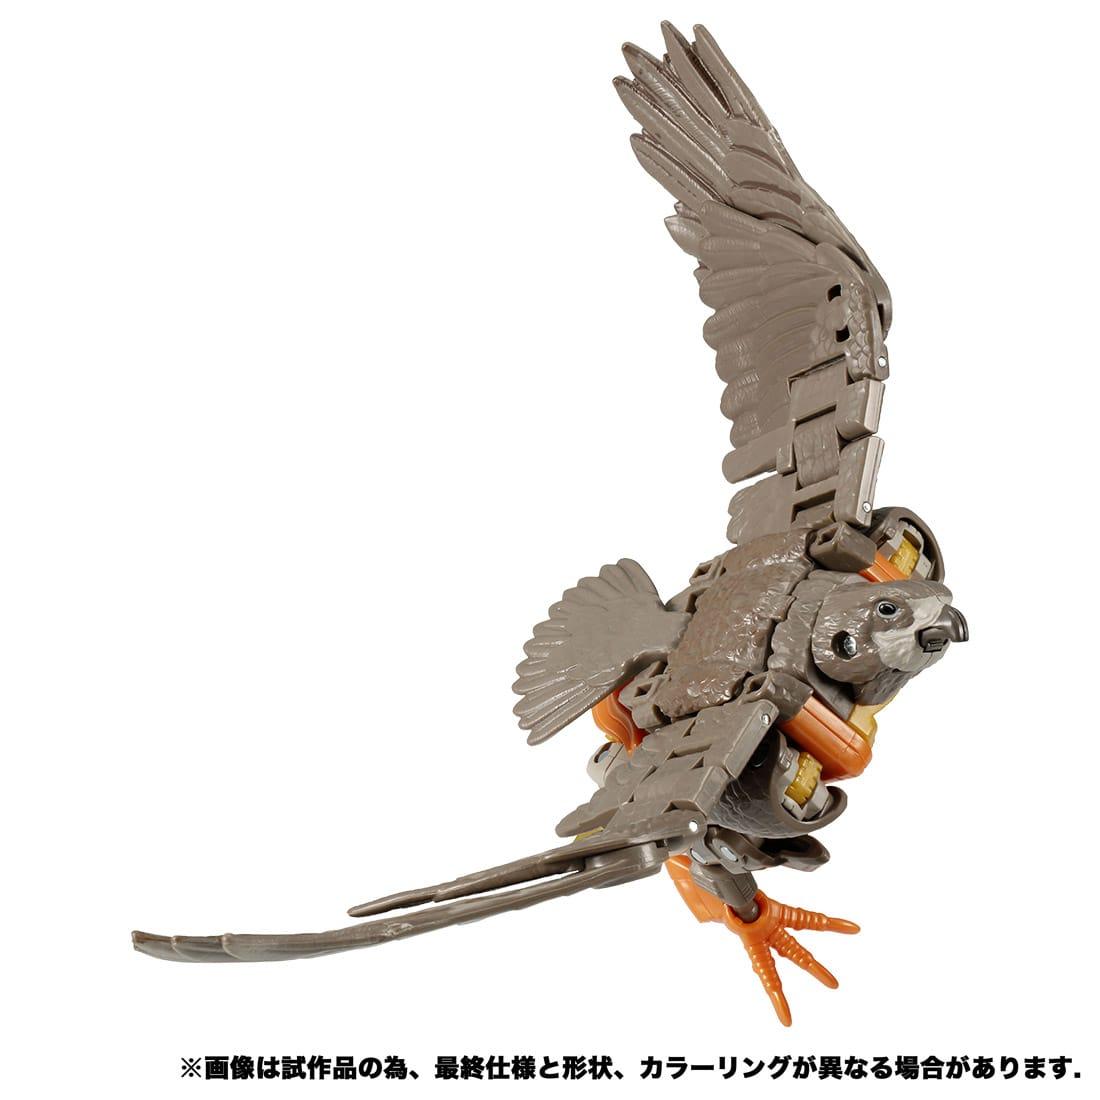 トランスフォーマー キングダム『KD-09 エアラザー』可変可動フィギュア-005